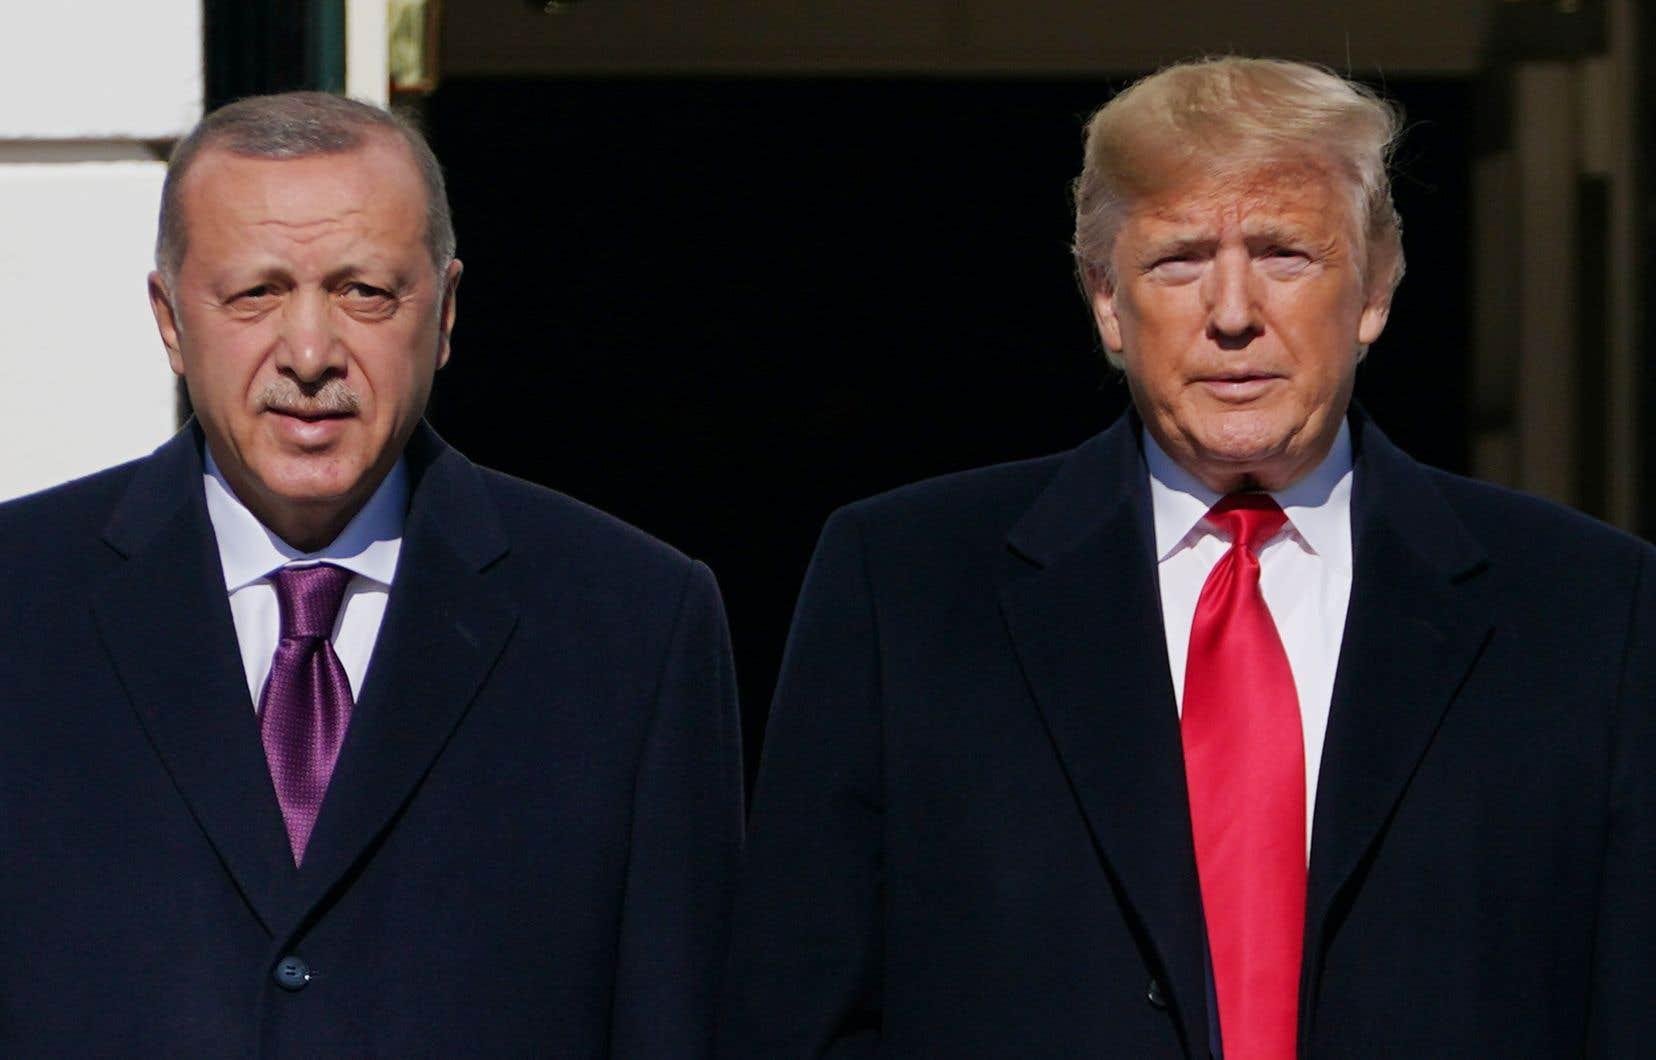 Dans ce nouvel extrait de «Rage<em>»</em>, Donald Trump revient sur ses liens avec Recep Tayyip Erdoğan, qui a muselé toute opposition en Turquie après une tentative de coup d'État en 2016.